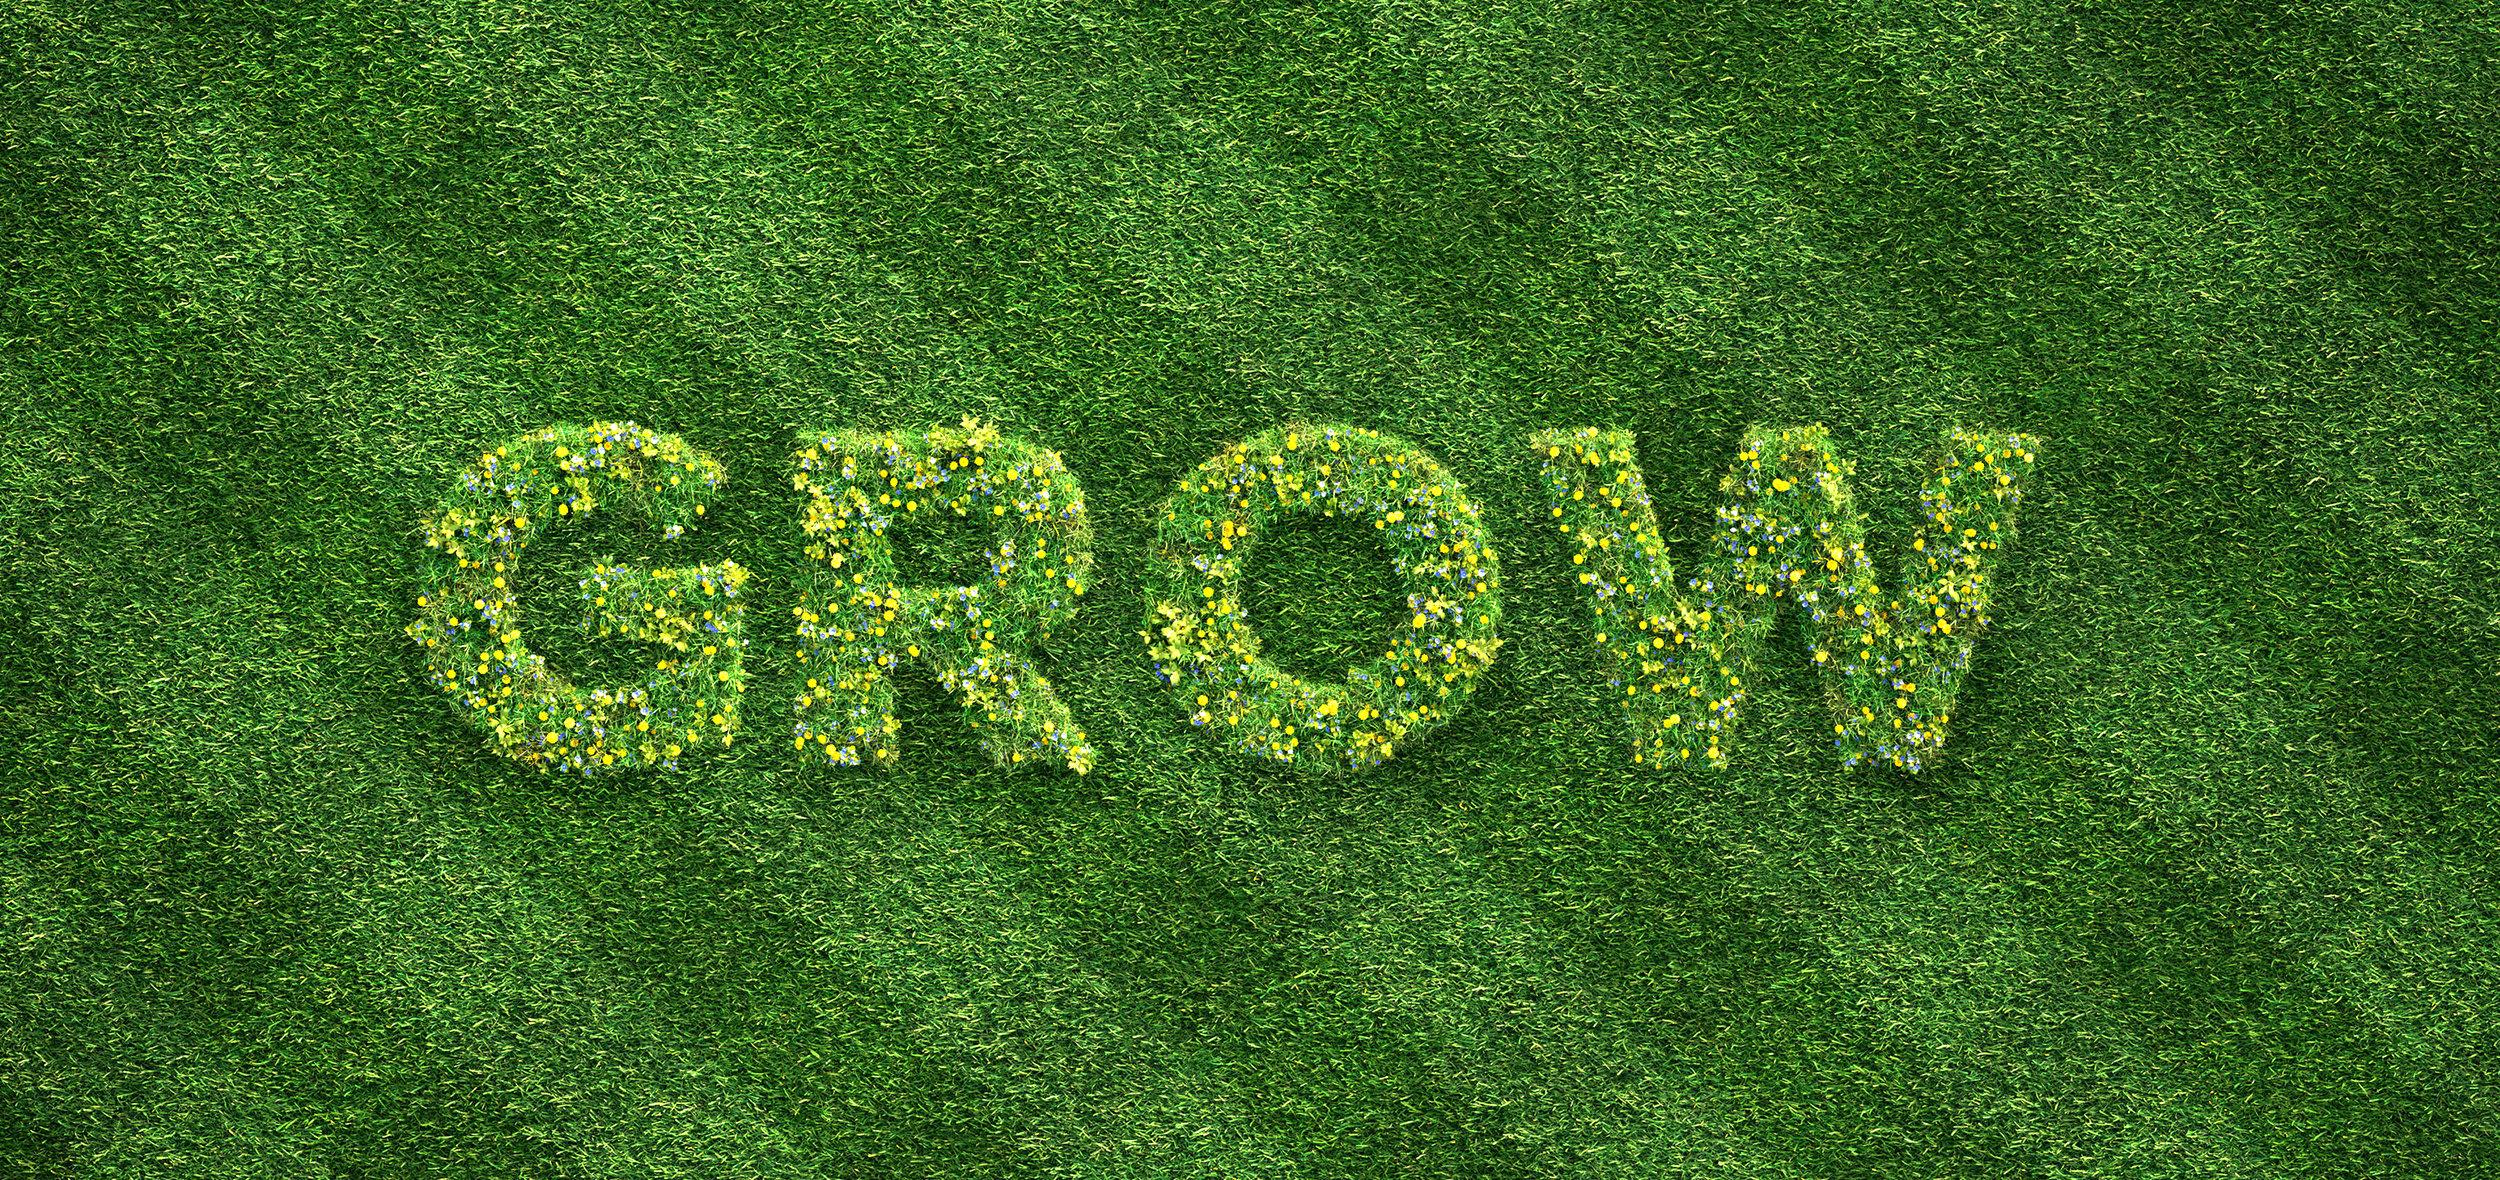 Grow_4K.jpg